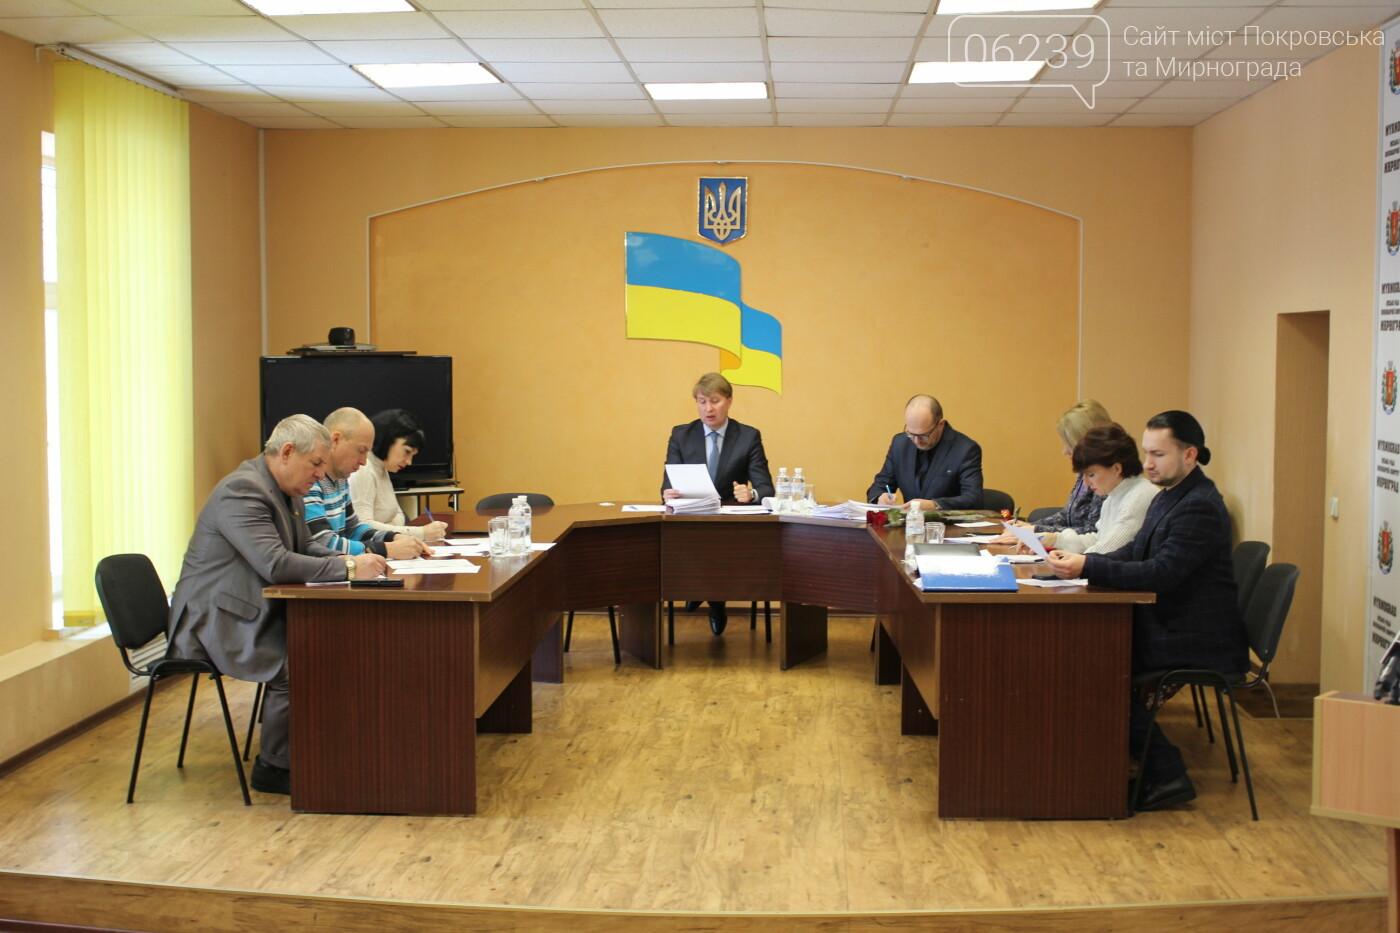 Изменения в бюджете и новый начальник отдела полиции: в Мирнограде состоялась 73-я сессия горсовета, фото-3